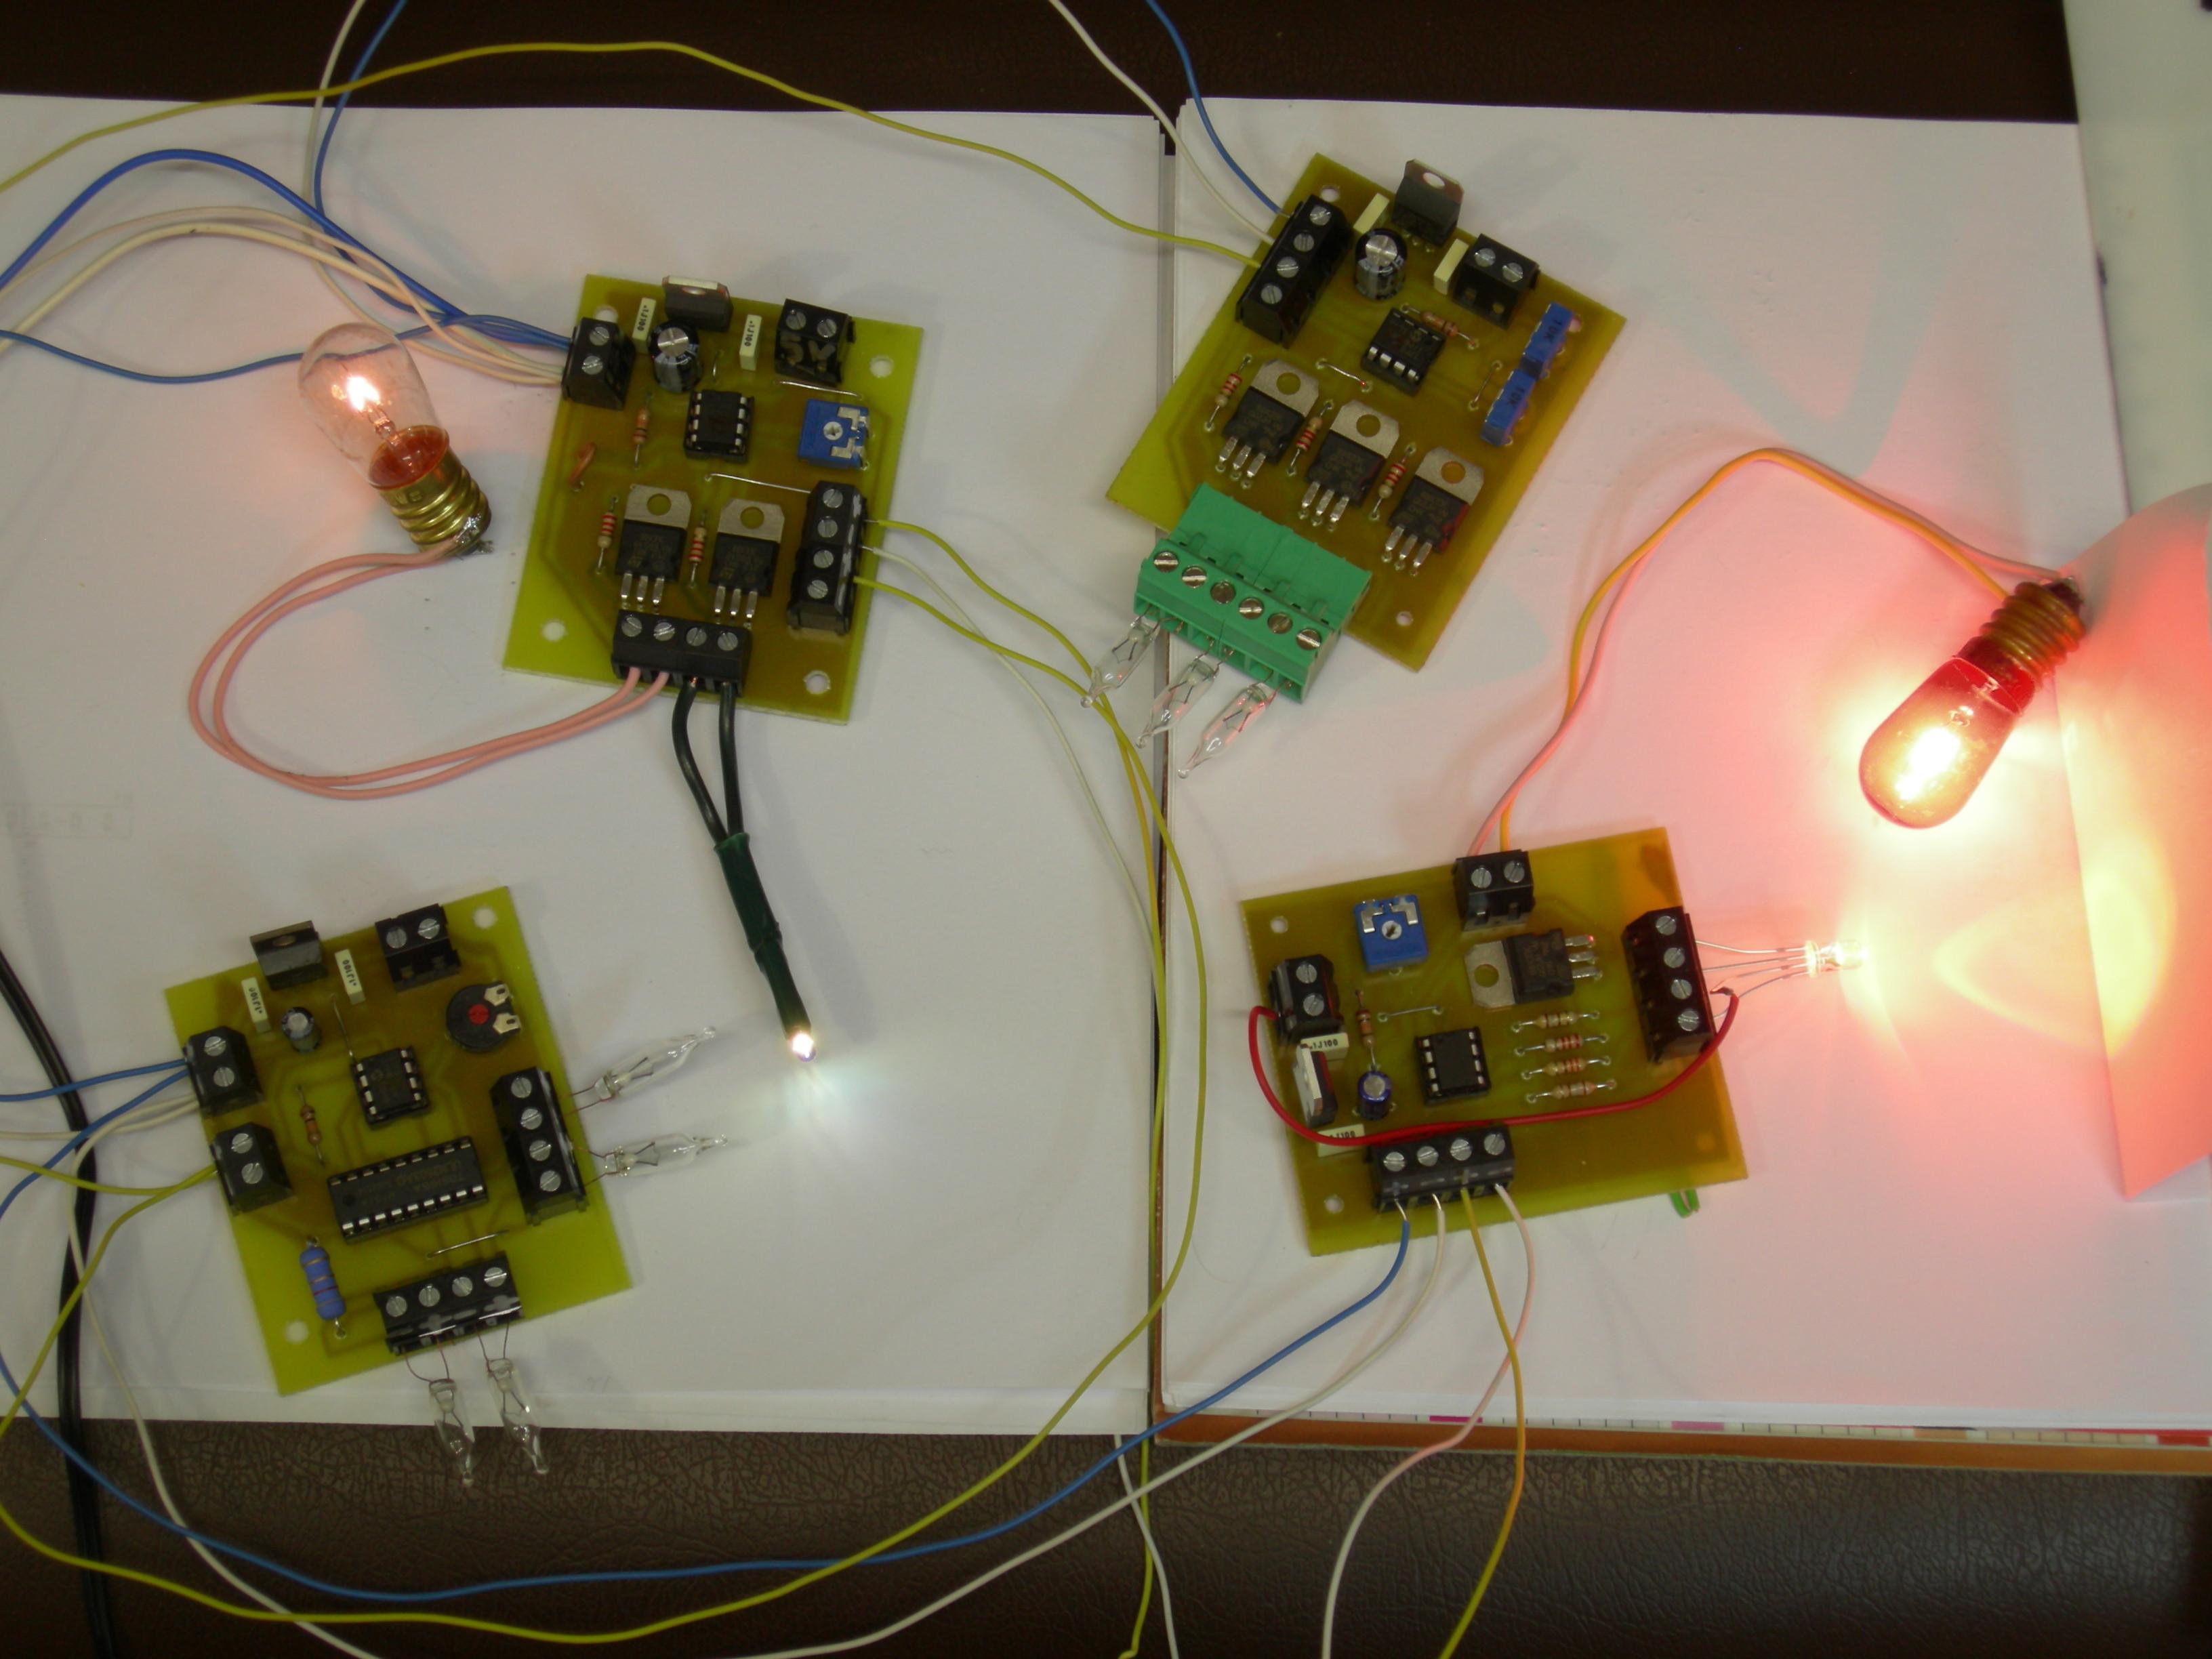 Schema Elettrico Giorno Notte Presepe : Progetto microcentralina presepevirtuale